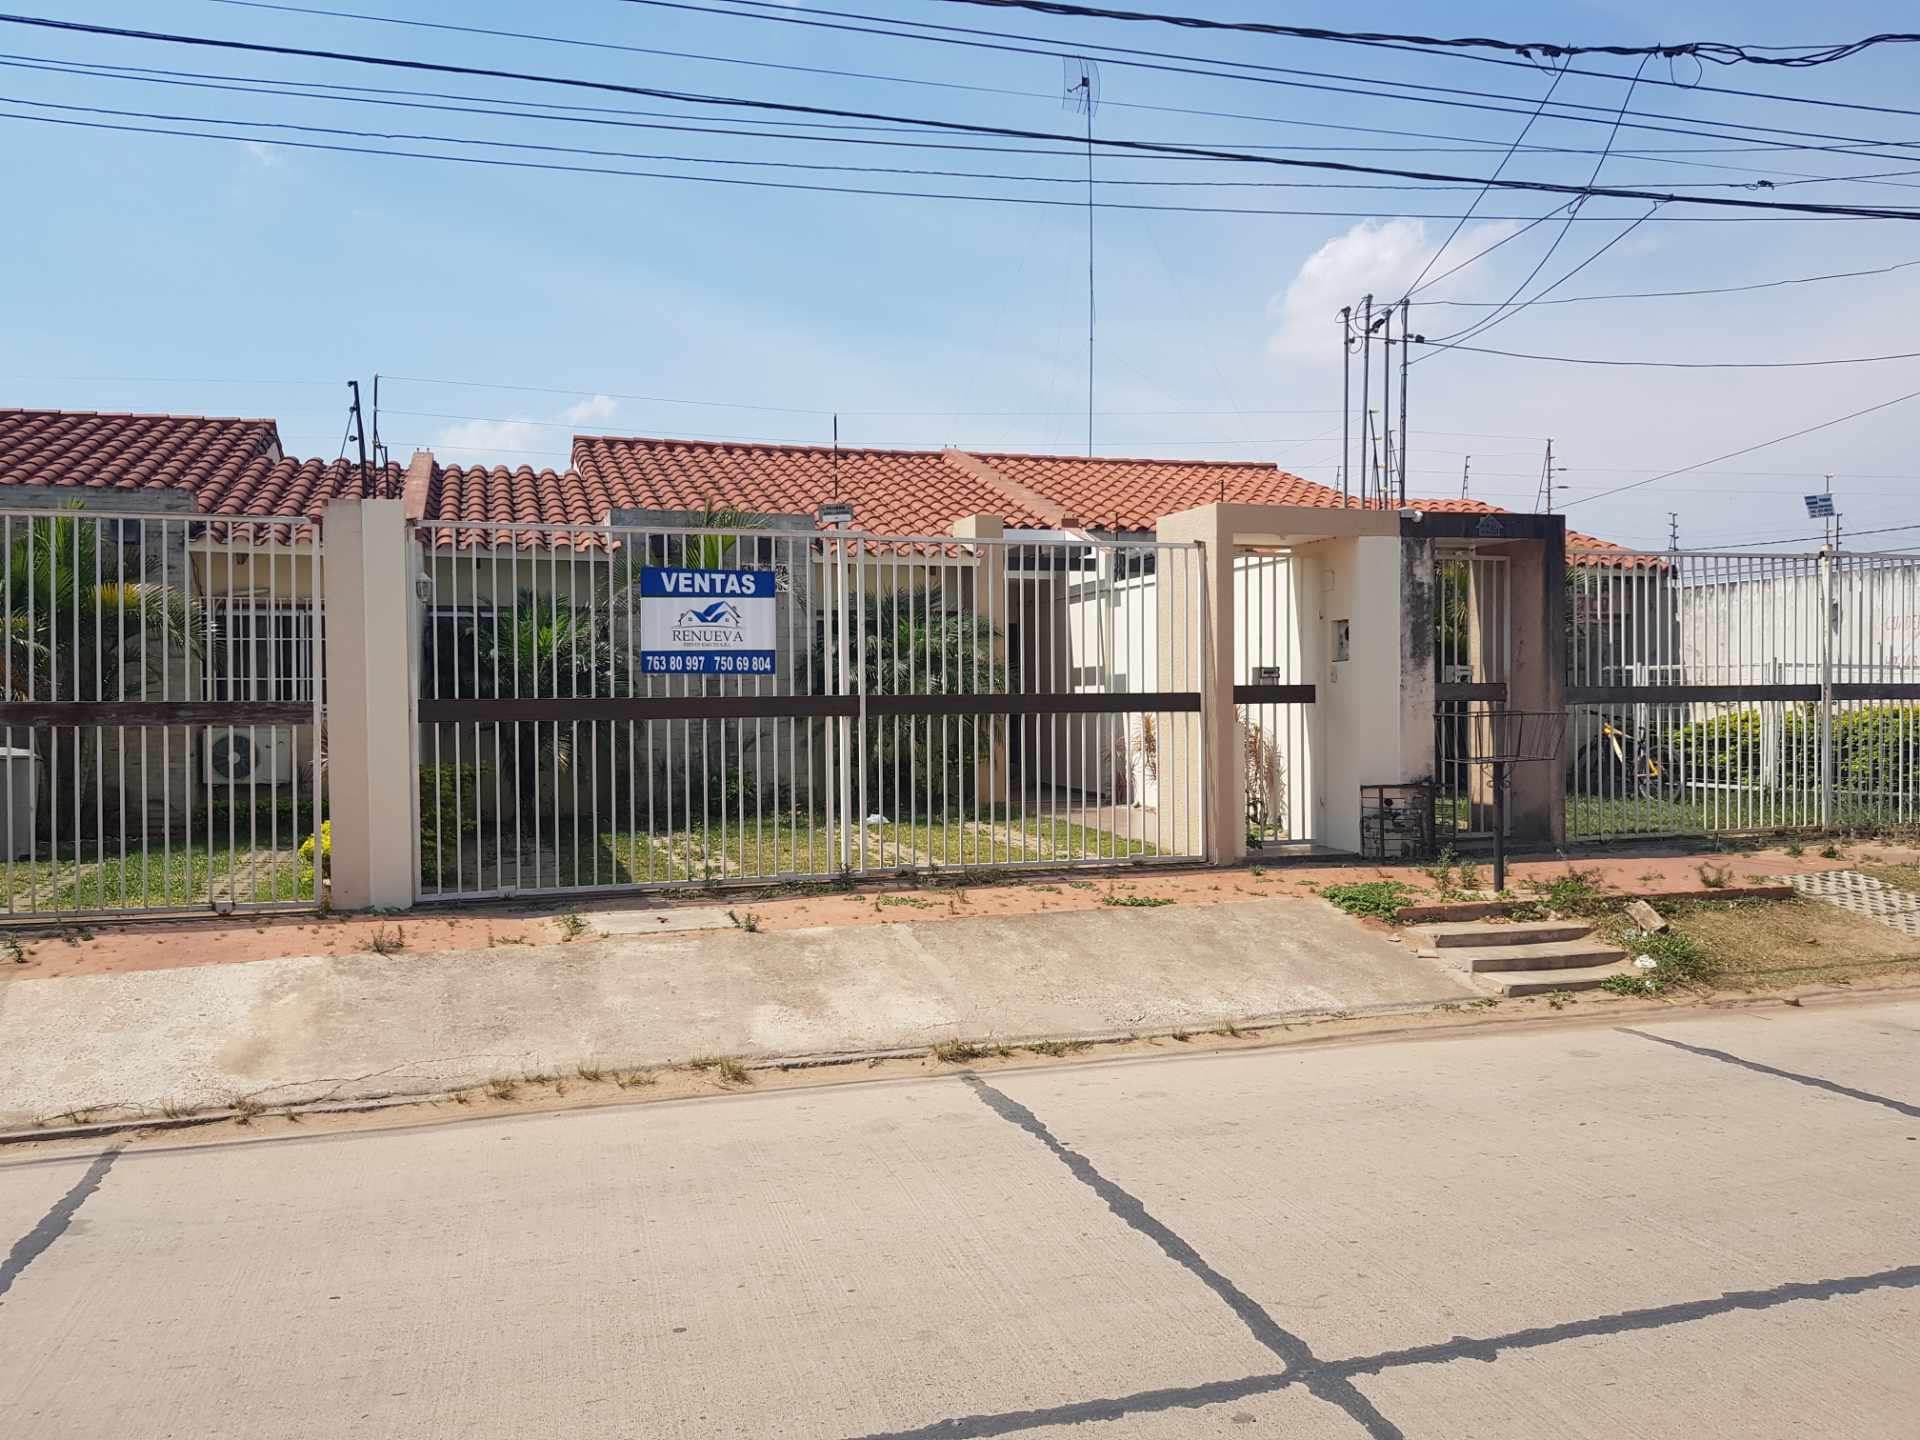 Casa en Venta Urb. Chiriguano zona Av. Santos dumont 6° y 7° Foto 1